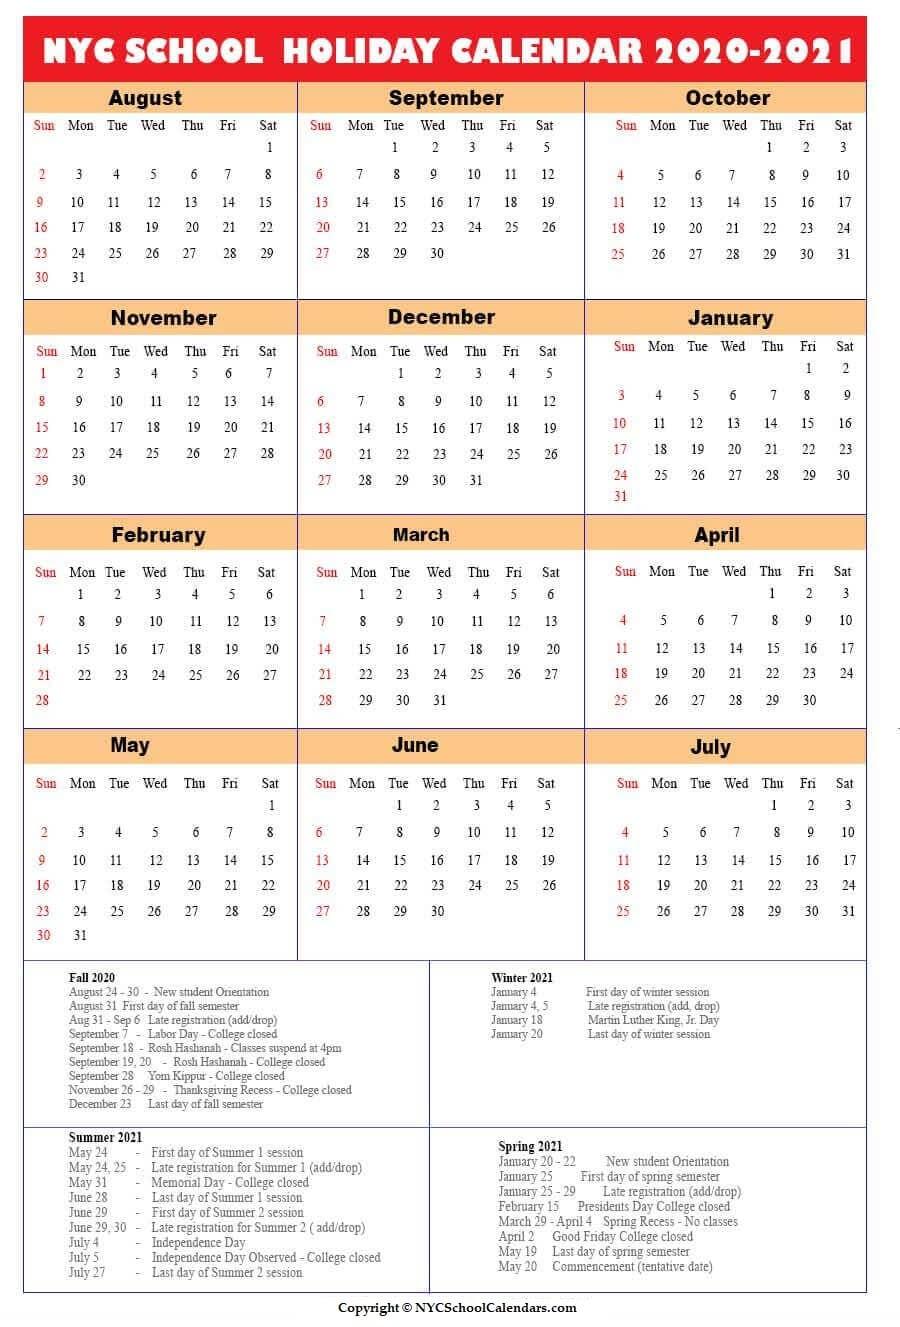 NYC School Holidays 2020